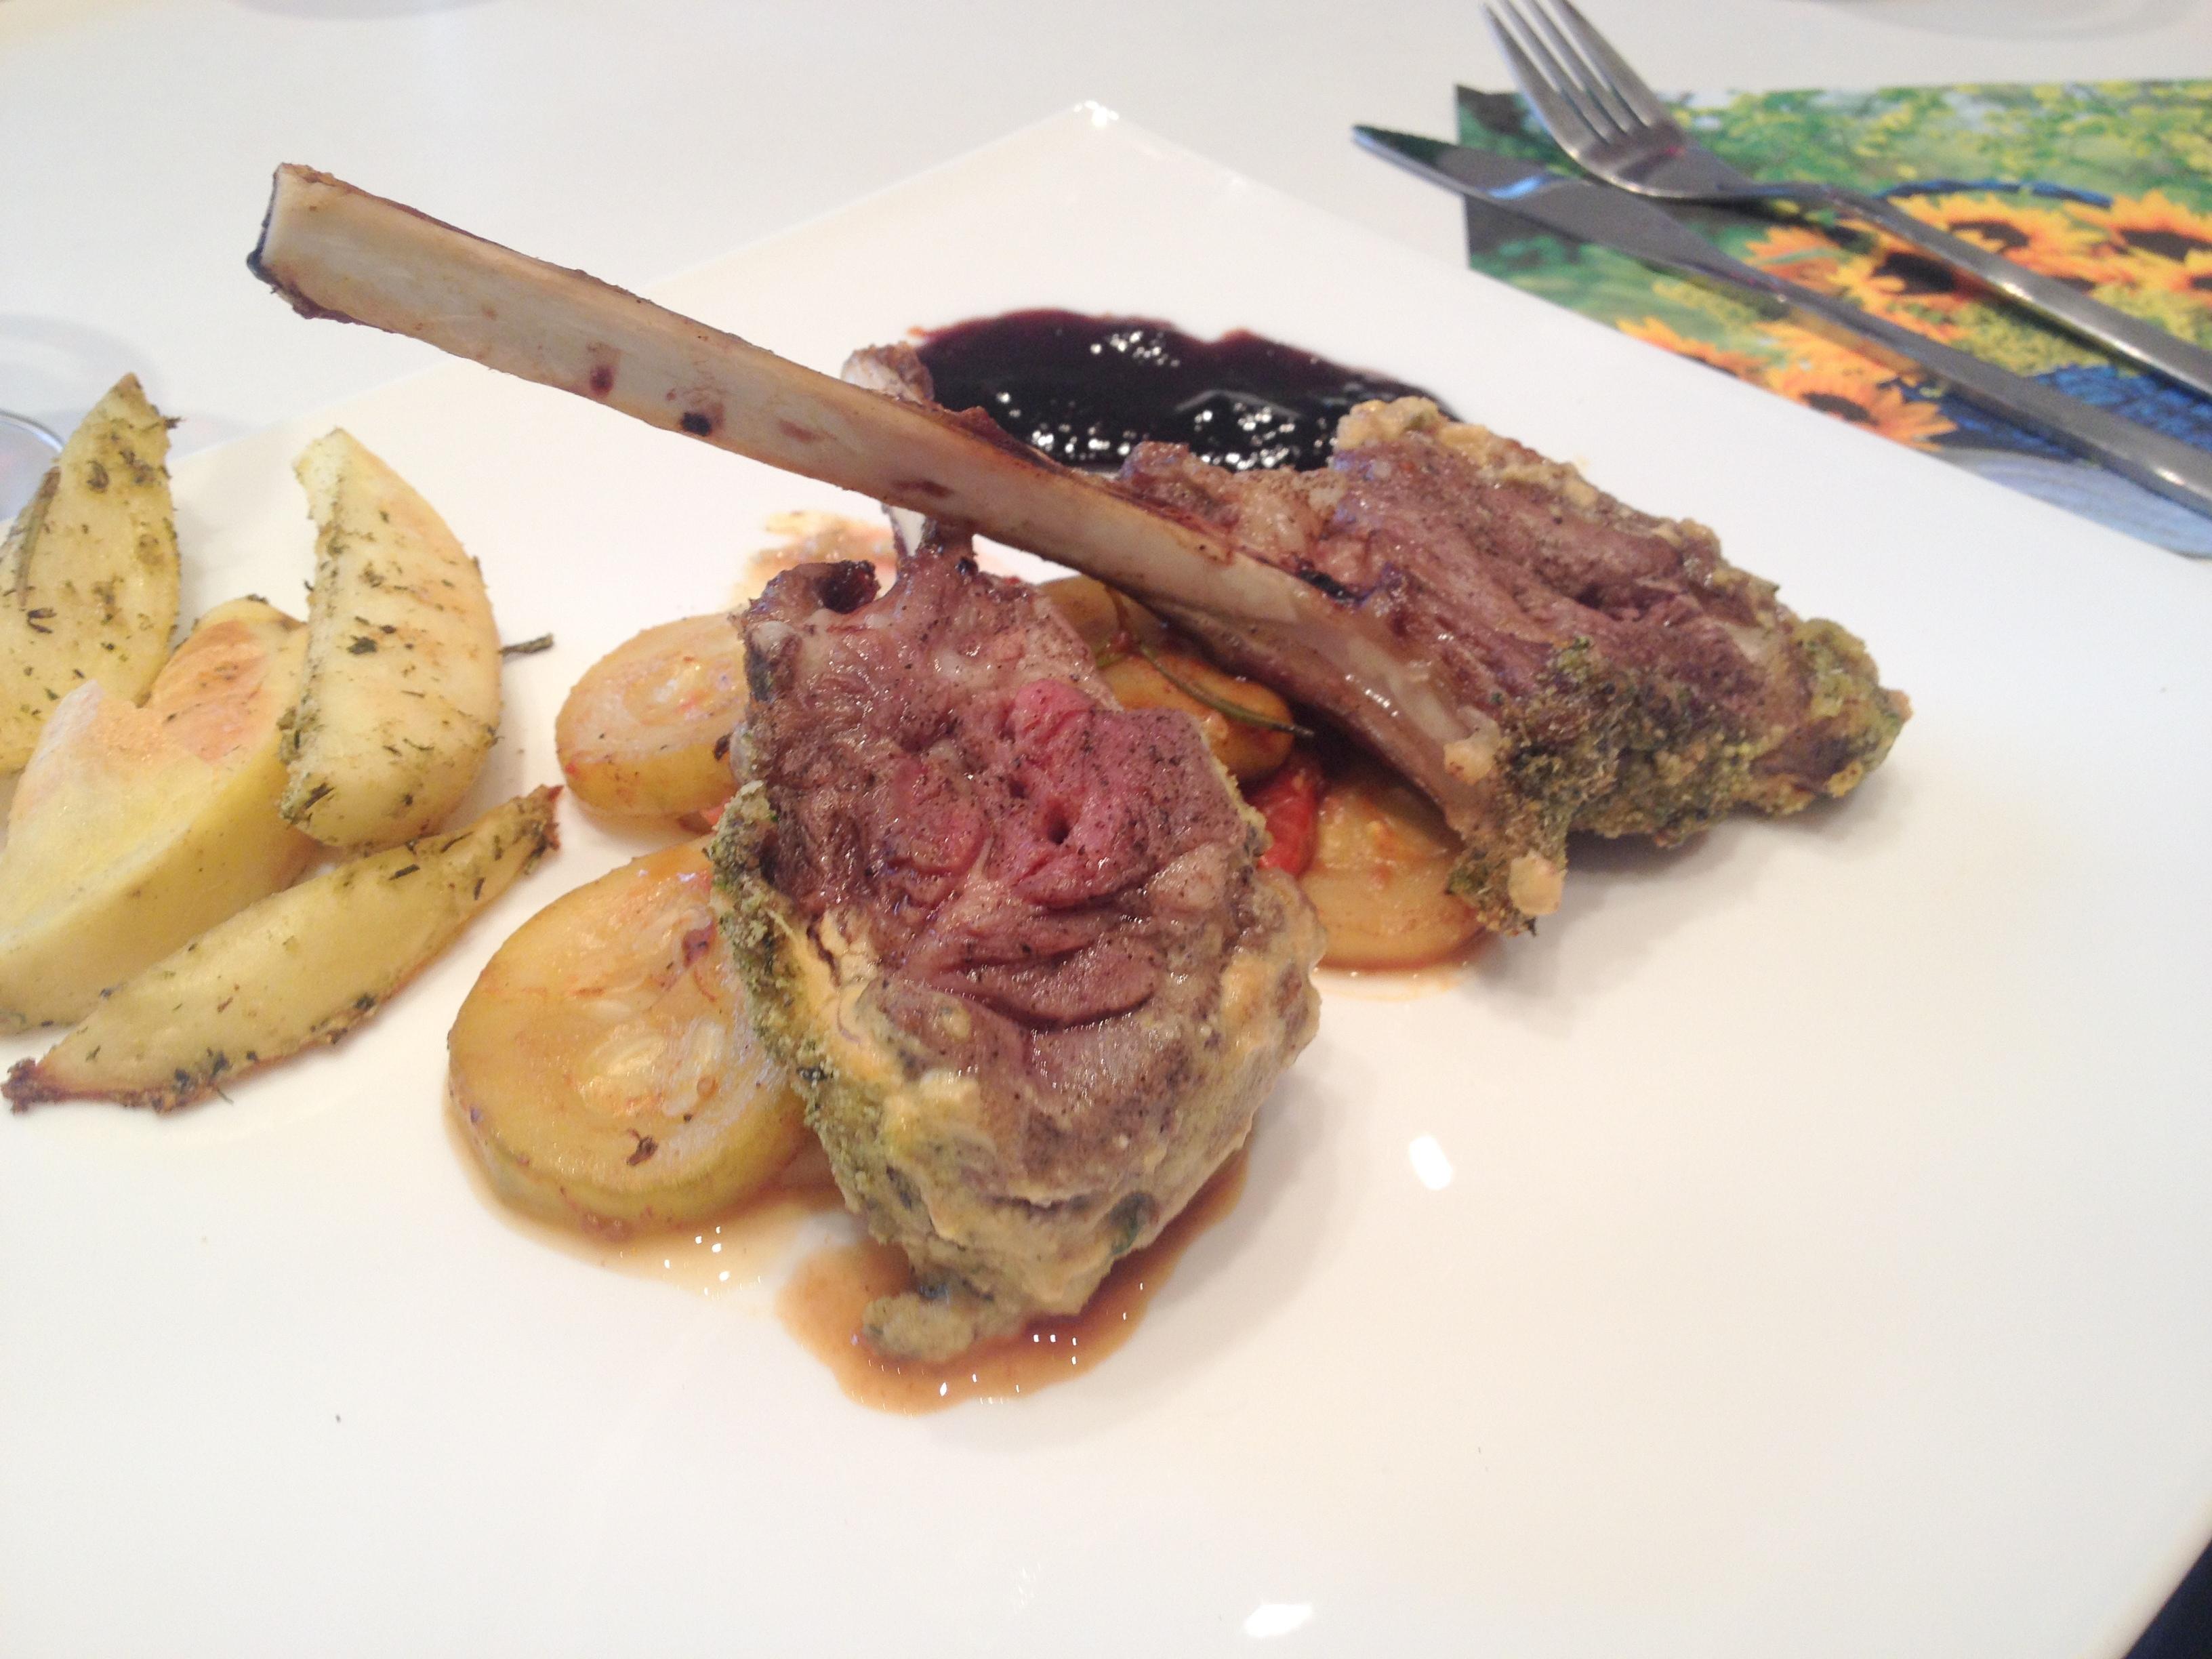 Ediția 1.3 cu echipa Andreea și Soso – cotlete de berbecuț la cuptor cu legume și cartofi cu rozmarin